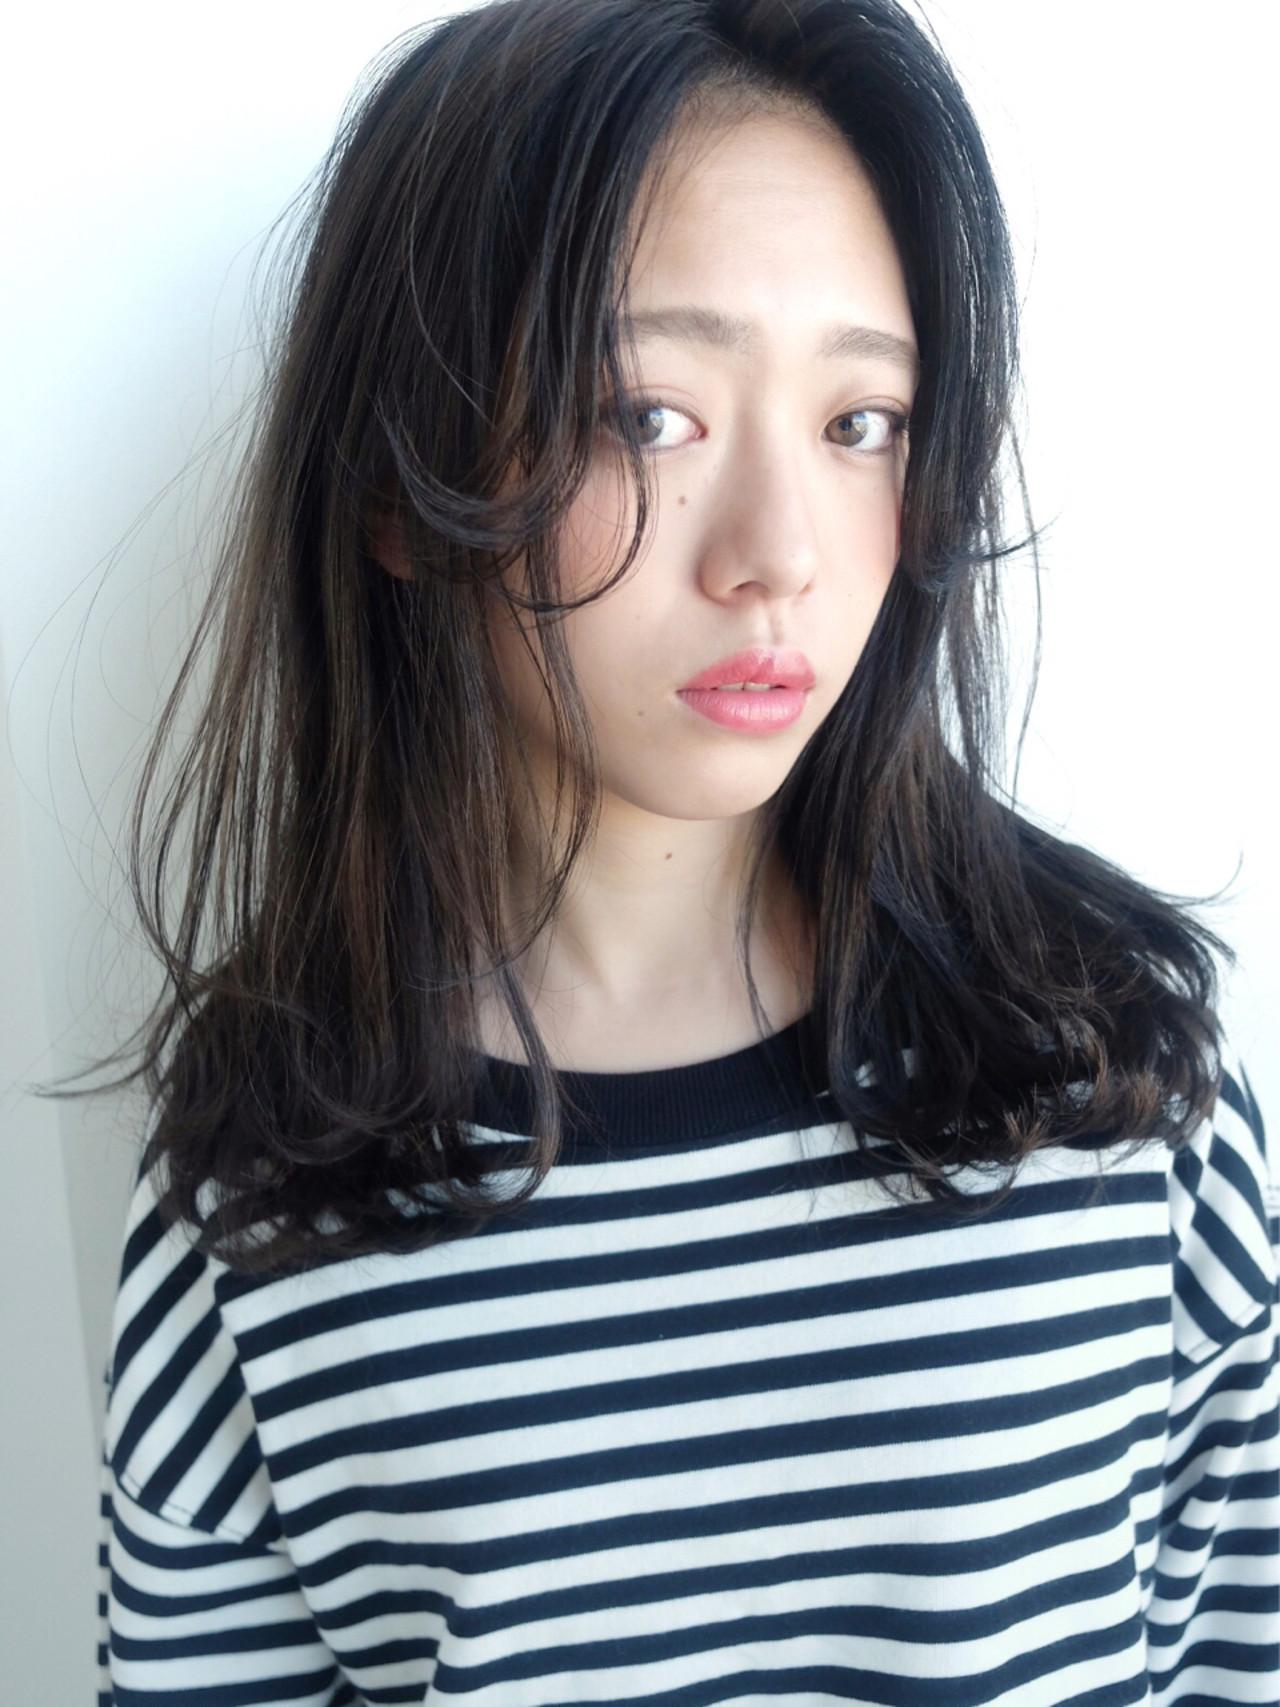 はね感のある前髪が新しい♡こなれ感ミディアム 日比野 恵理